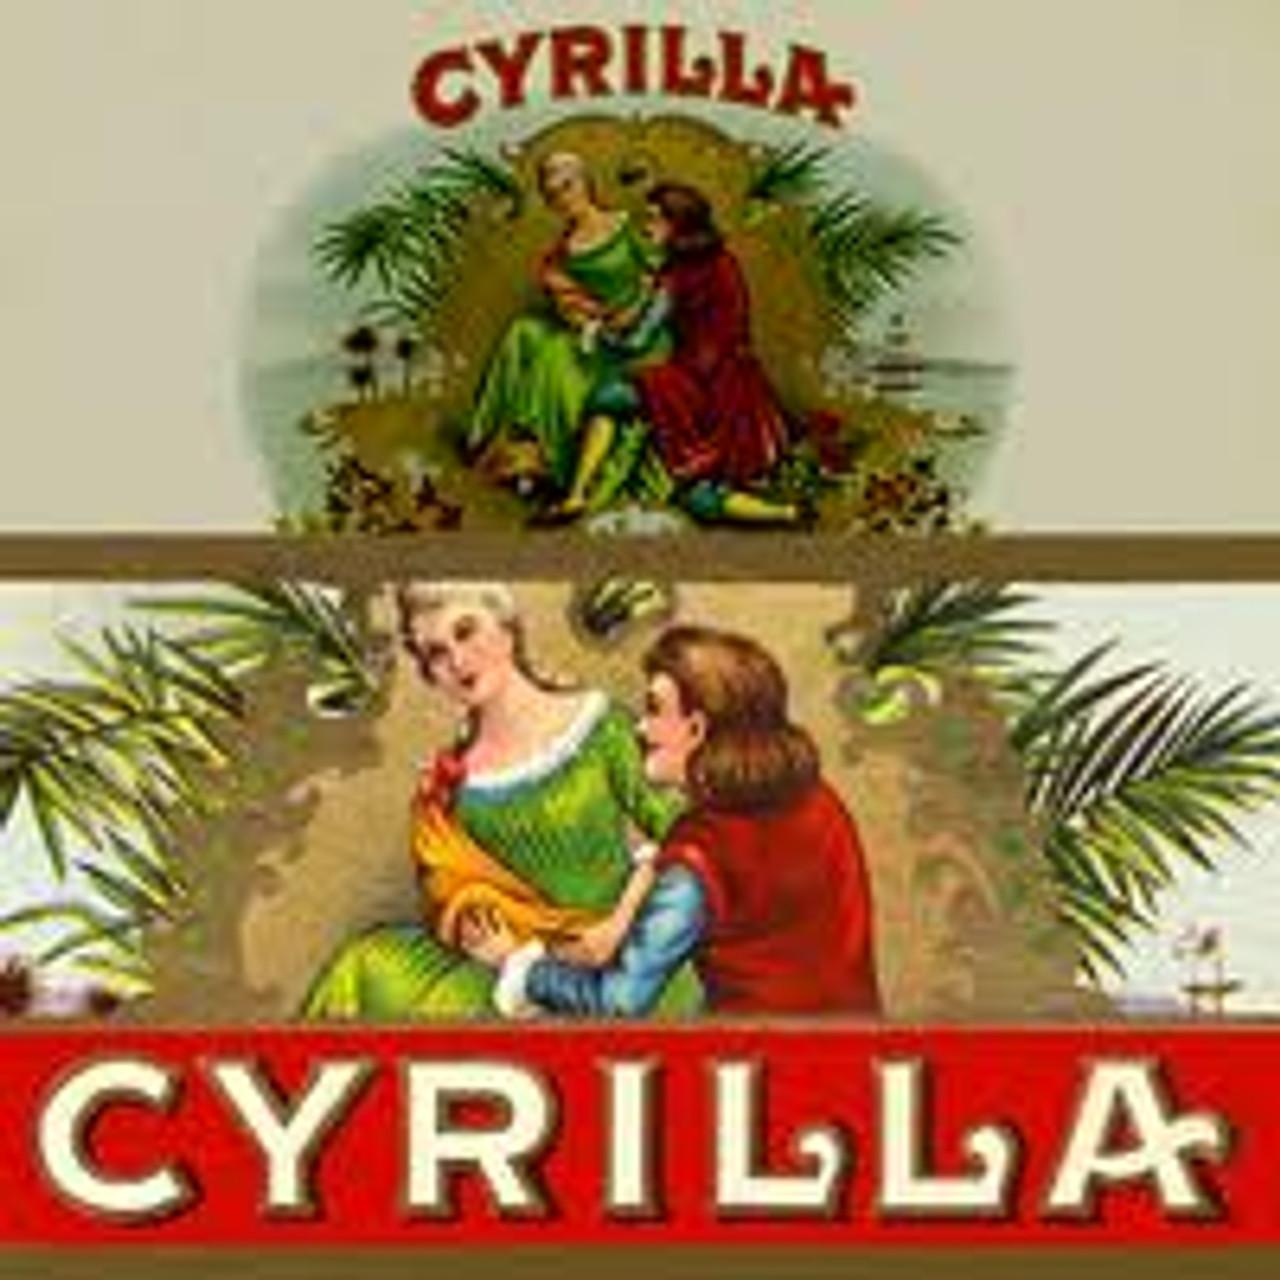 Cyrilla Nationals Maduro Cigars - 6 x 42 (Box of 25)